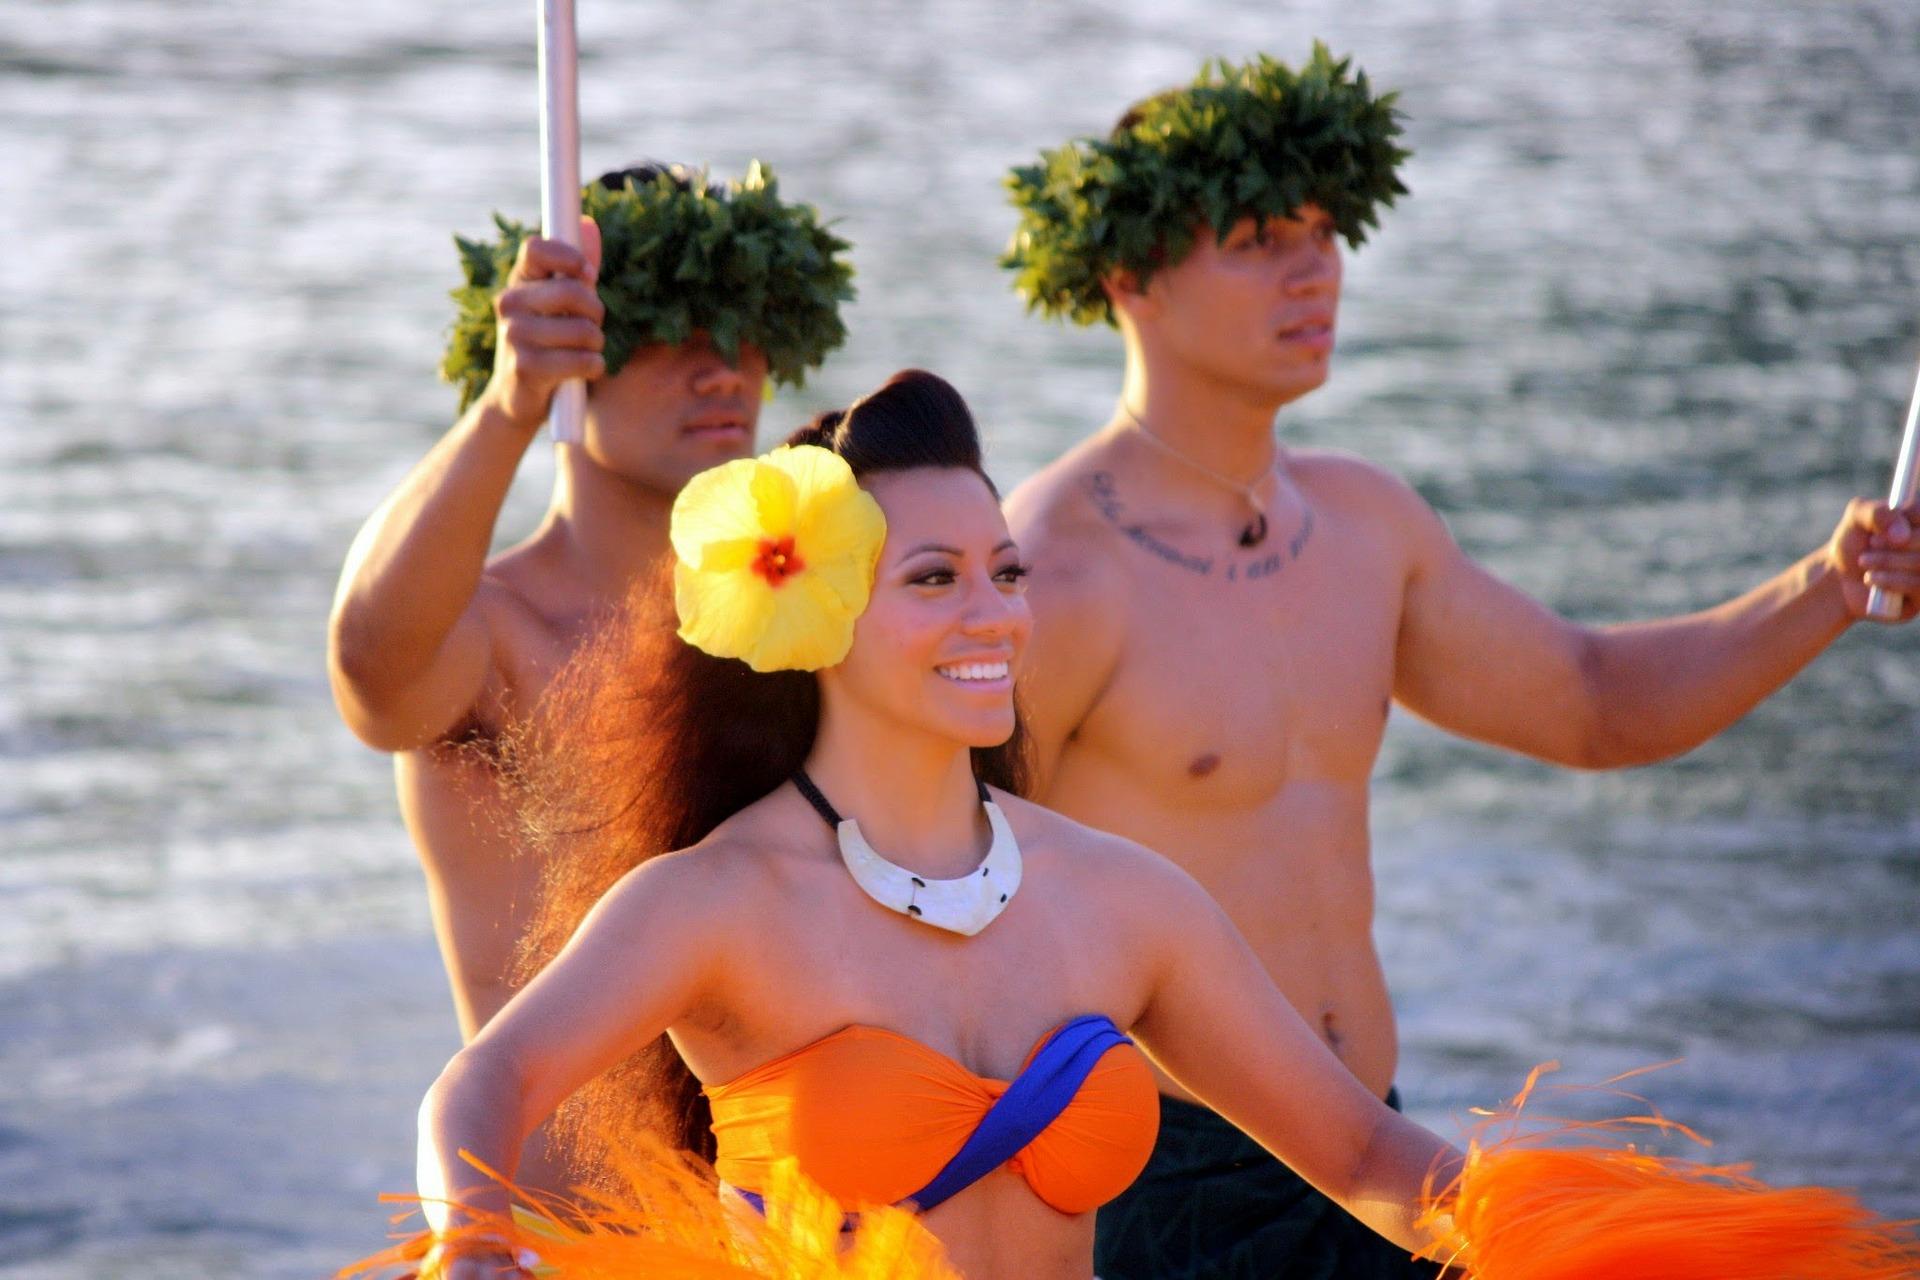 16bebb7f hawaii show - ハワイ気分を満喫!絶対参加したいおすすめ宴会とパフォーマンス10選